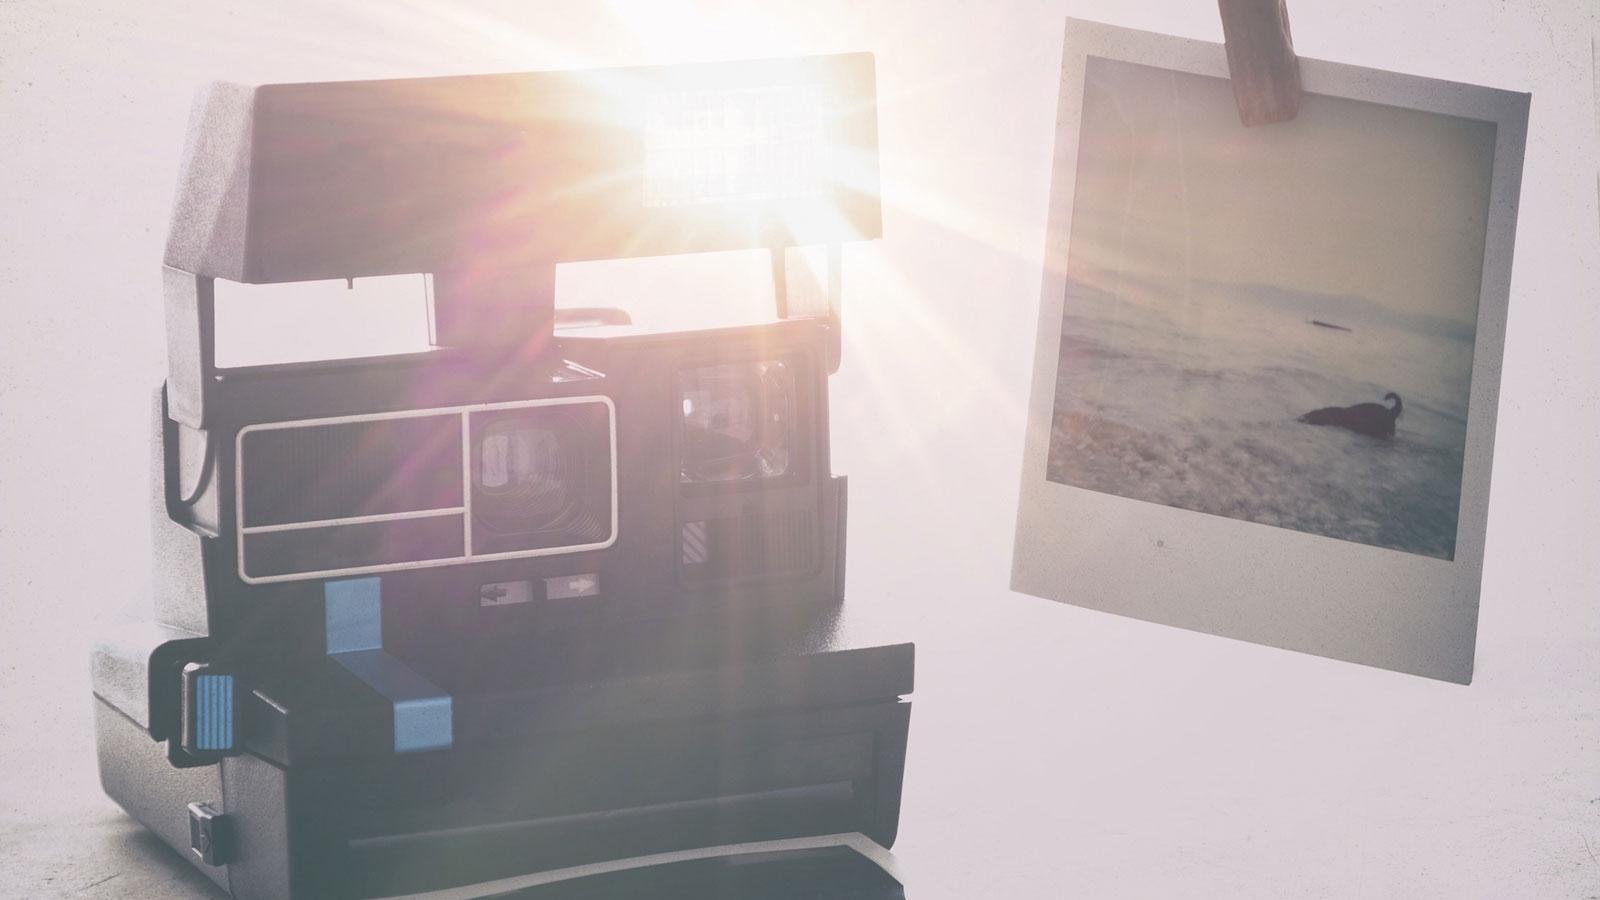 Spaß mit der Sofortbildkamera – die besten Tipps und Tricks